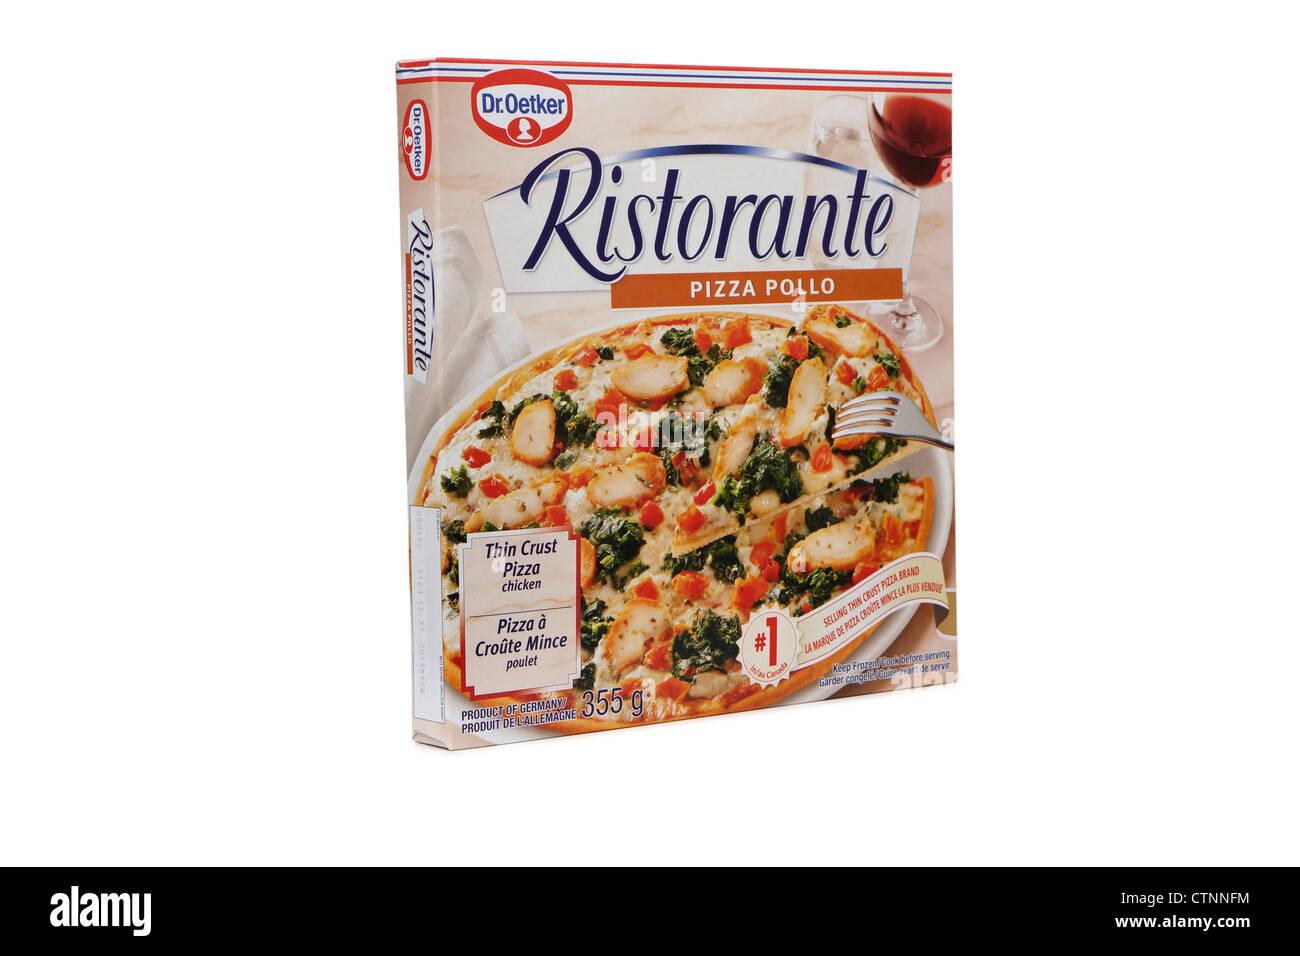 dr oetker frozen pizza stockfotos dr oetker frozen pizza bilder alamy. Black Bedroom Furniture Sets. Home Design Ideas